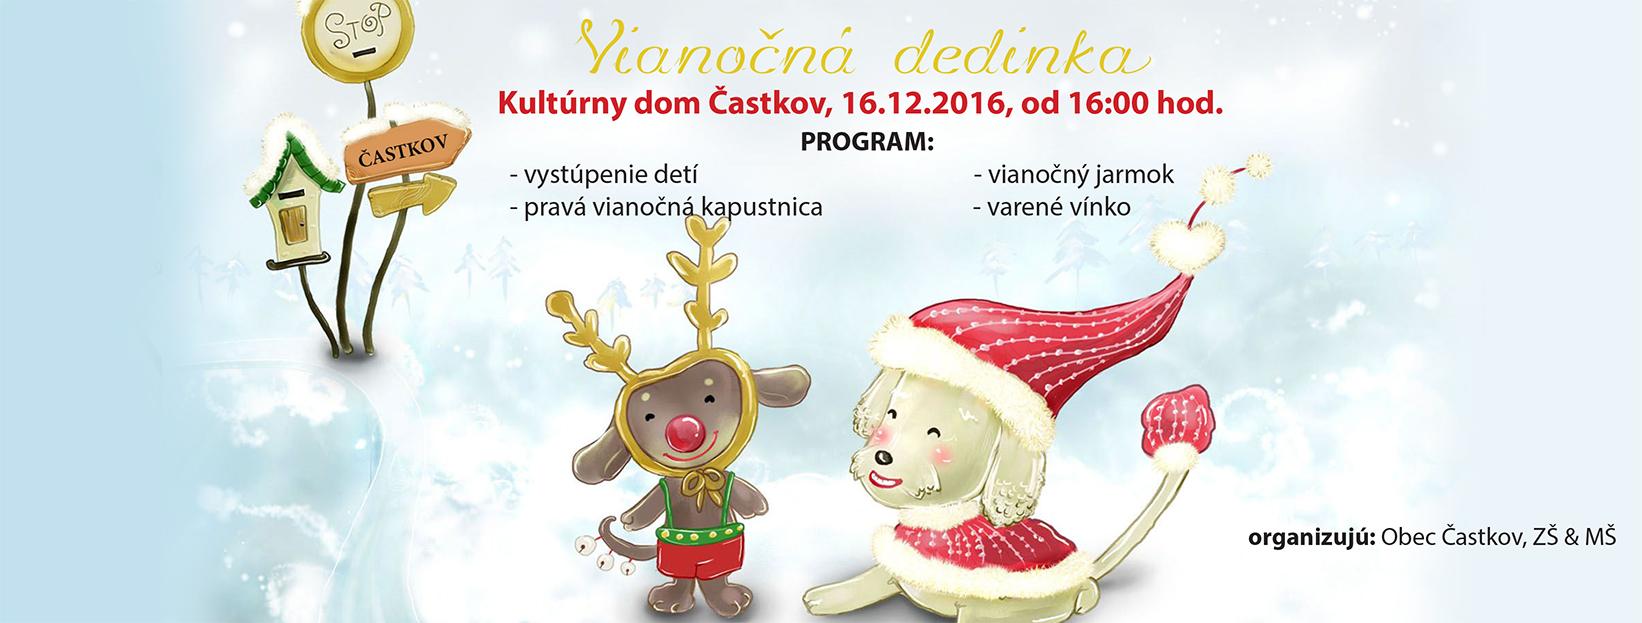 vianocna_dedinka